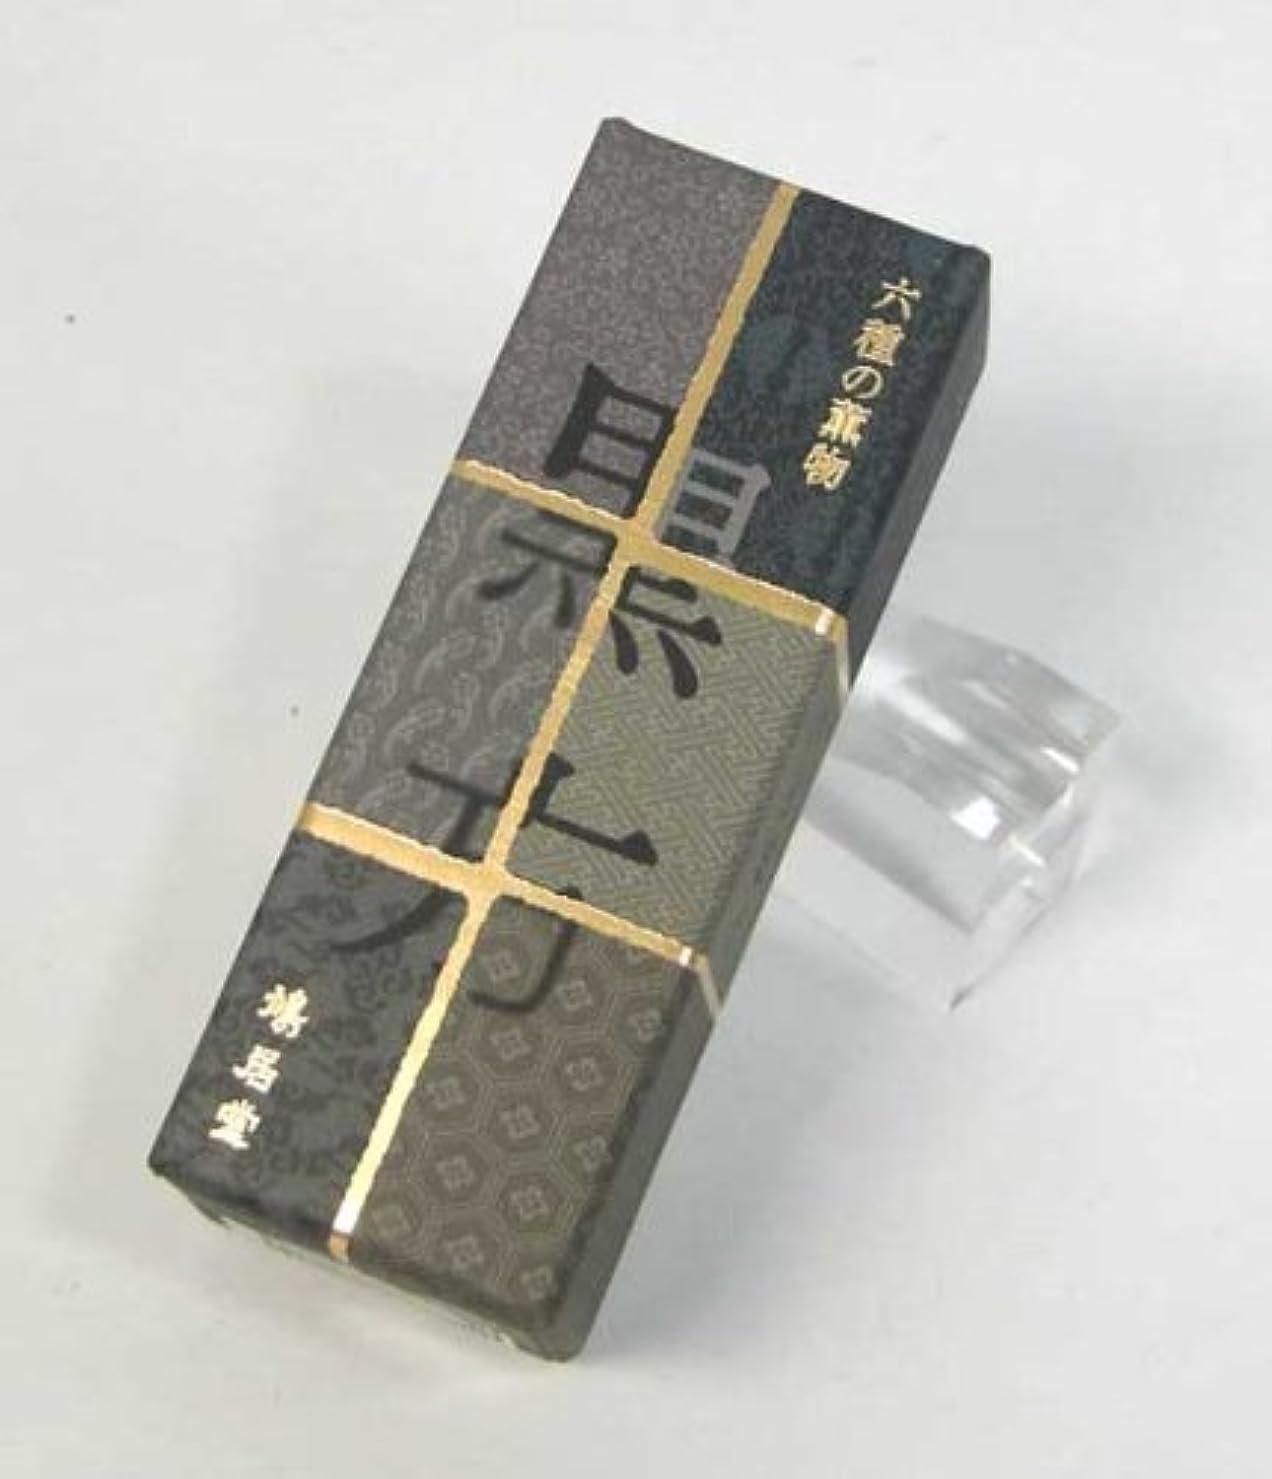 陽気な認める金属鳩居堂 お香 黒方(くろぼう) 六種の薫物(むくさのたきもの)シリーズ スティックタイプ(棒状香)20本いり